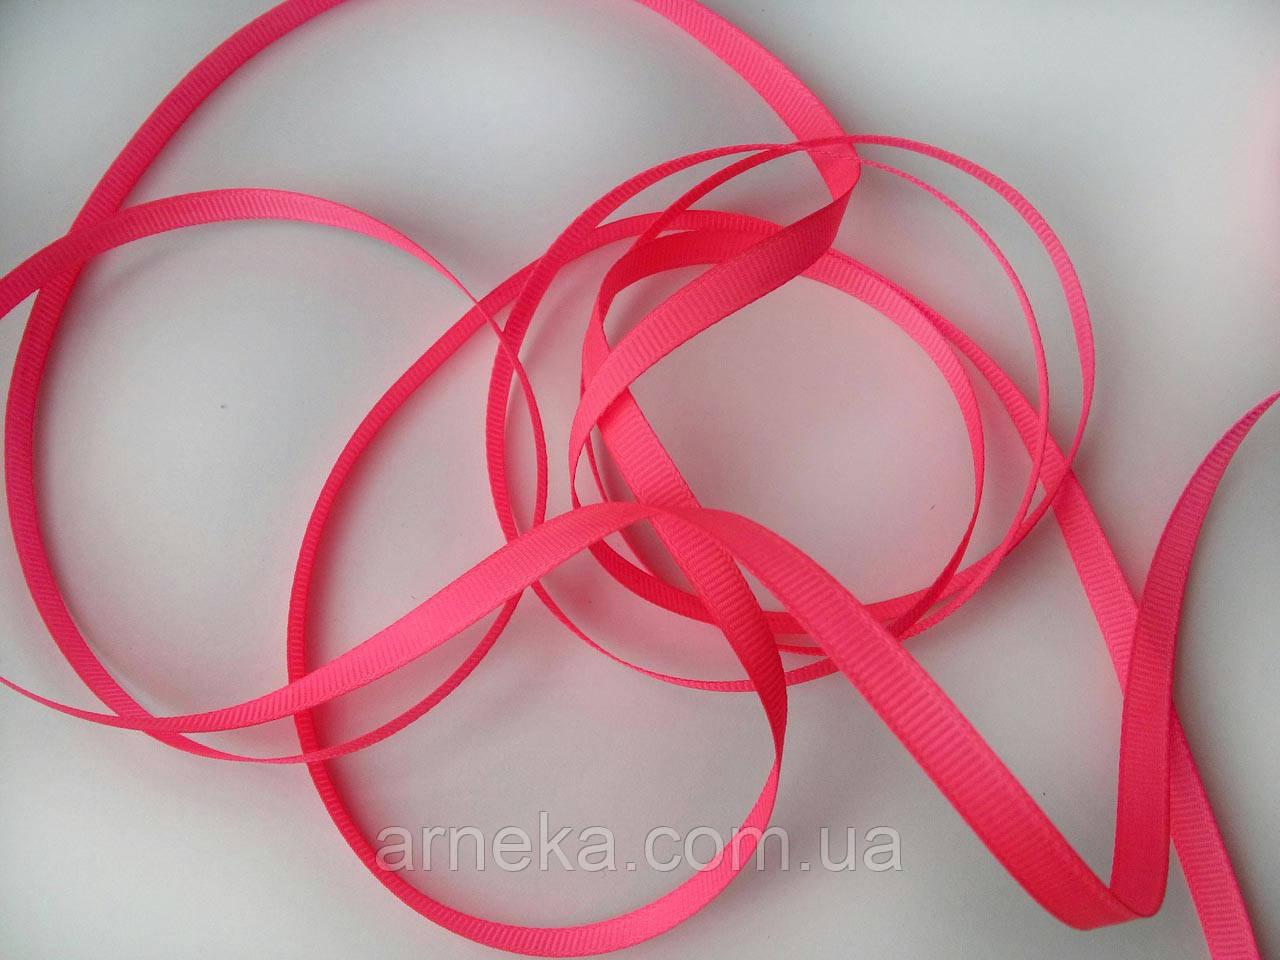 Лента репсовая 0,6 см ярко розовая